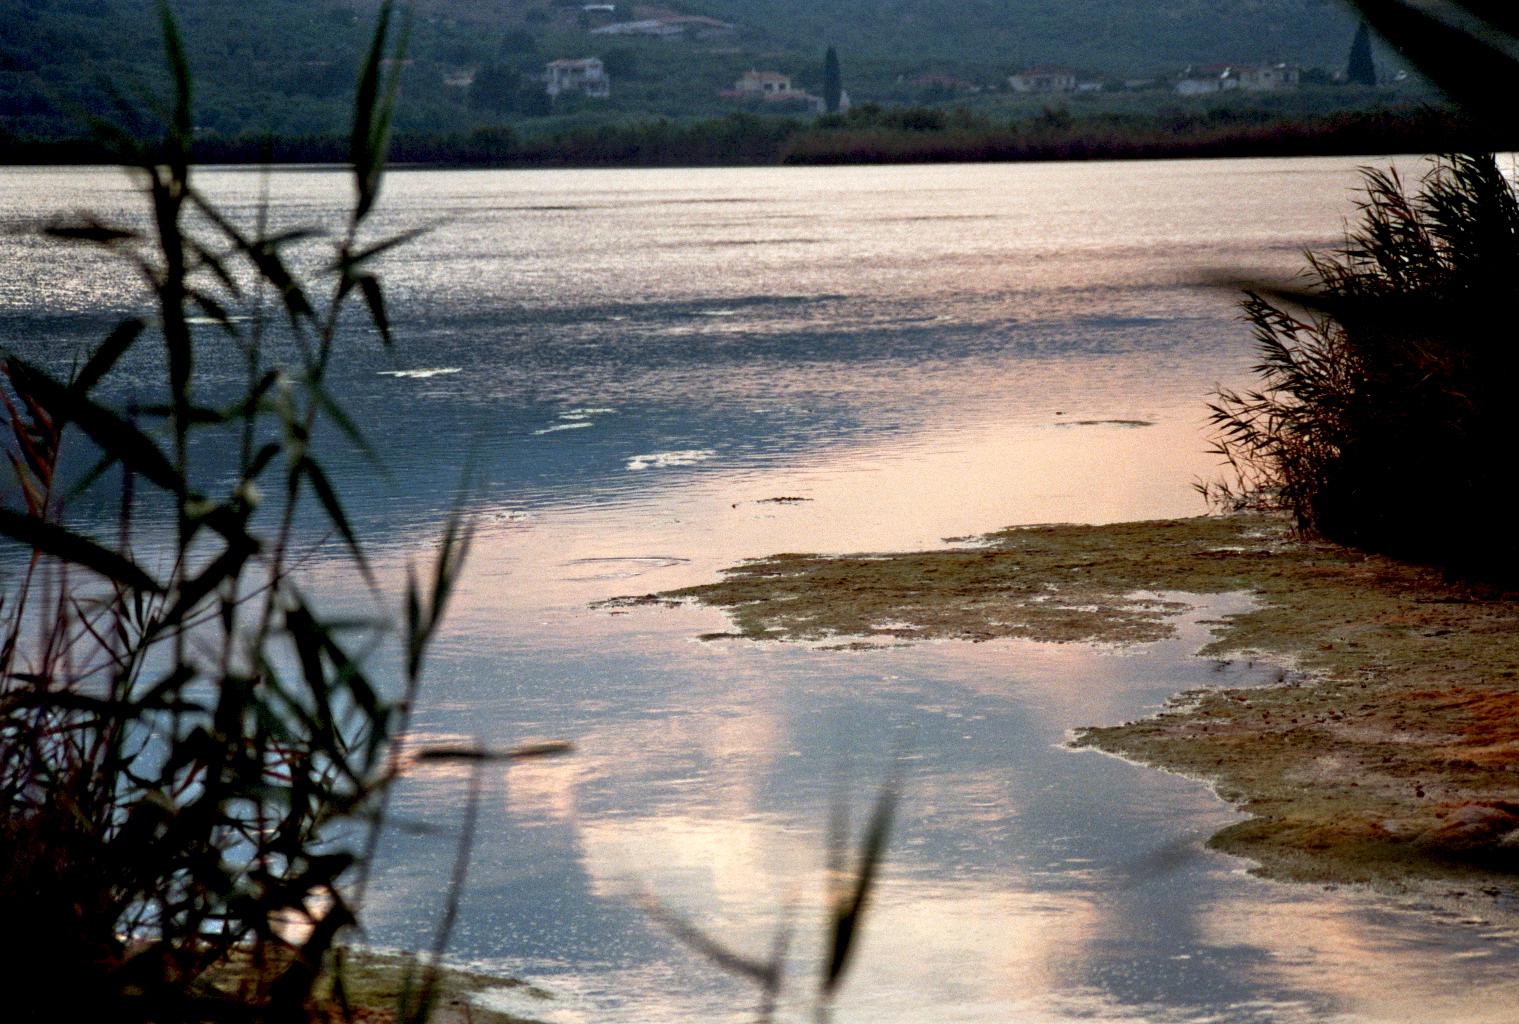 Naturschutzgebiet: See im Abendlicht